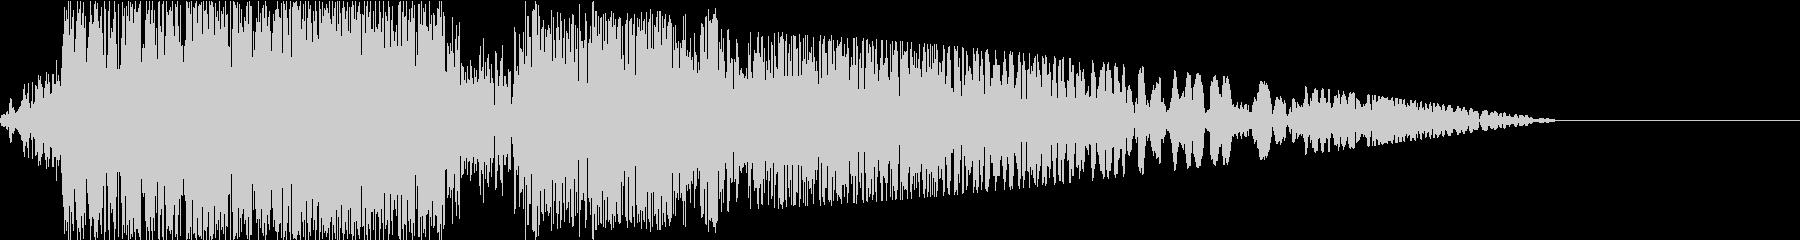 ロボット_ガショイーン_中型サイズの足音の未再生の波形